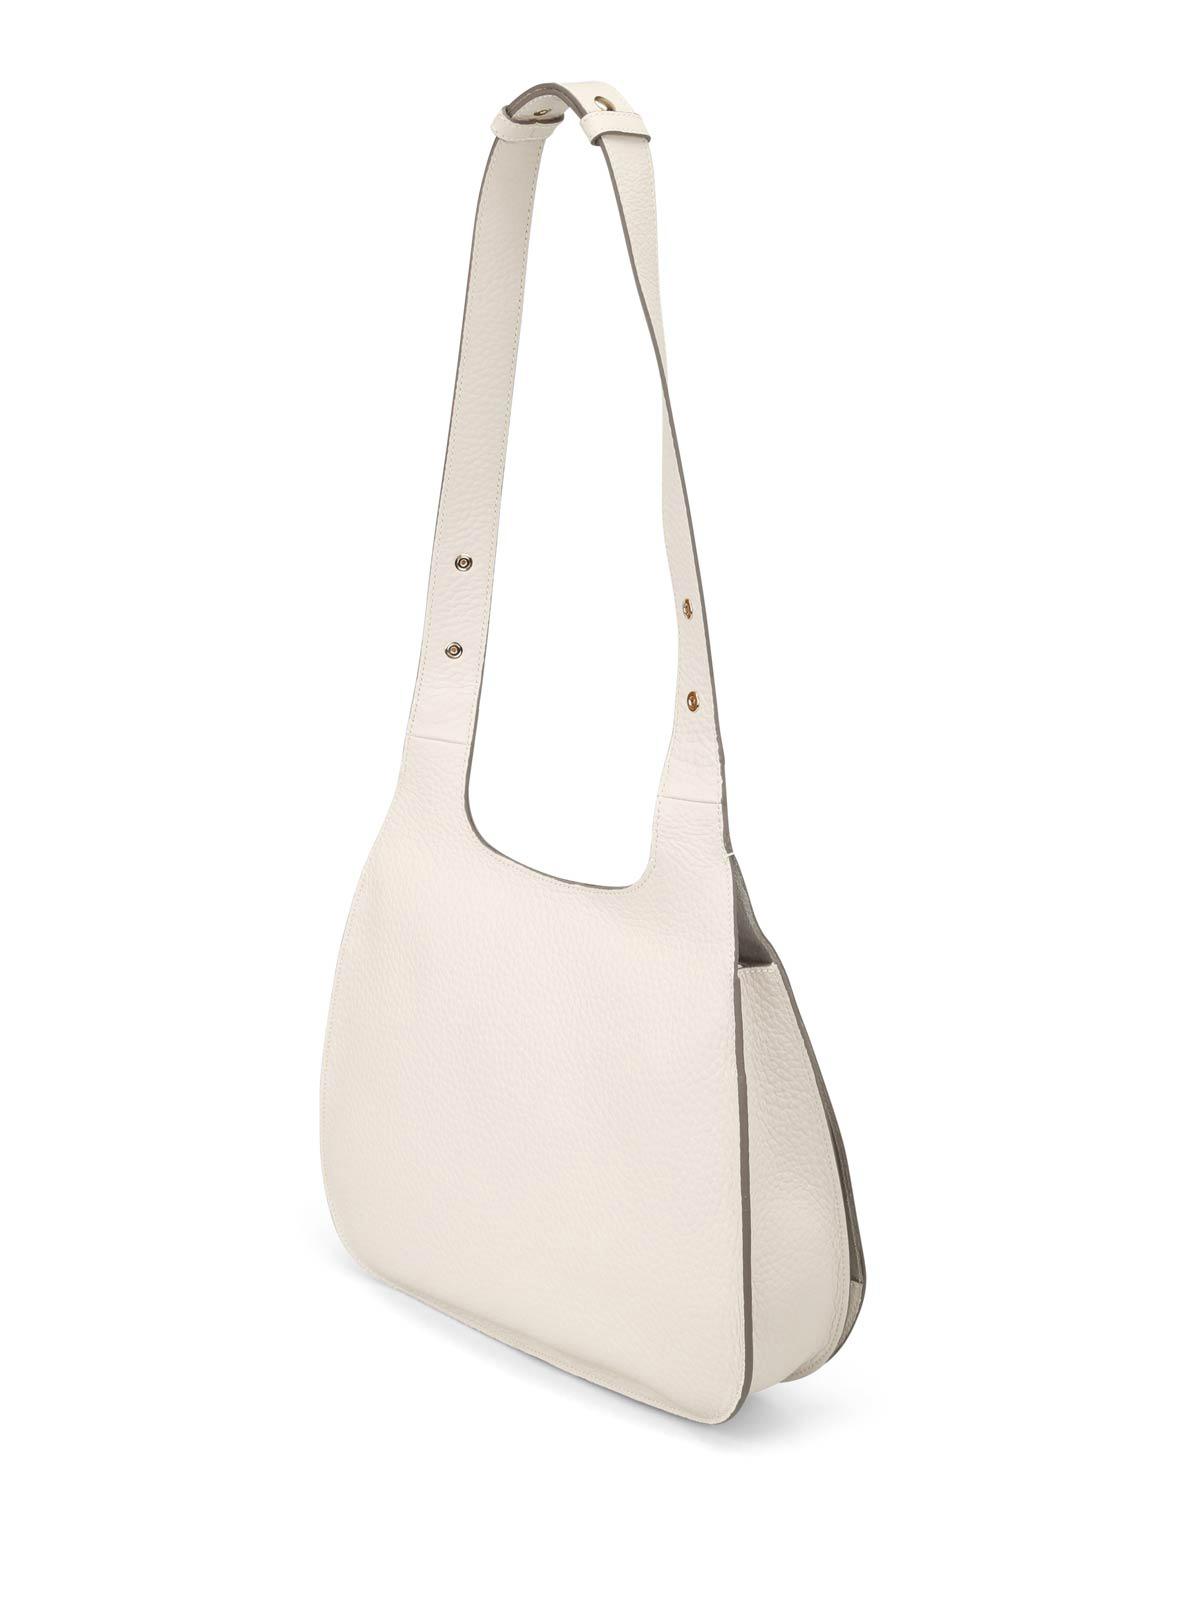 Hogan Hammered beige leather hobo bag bq3HS